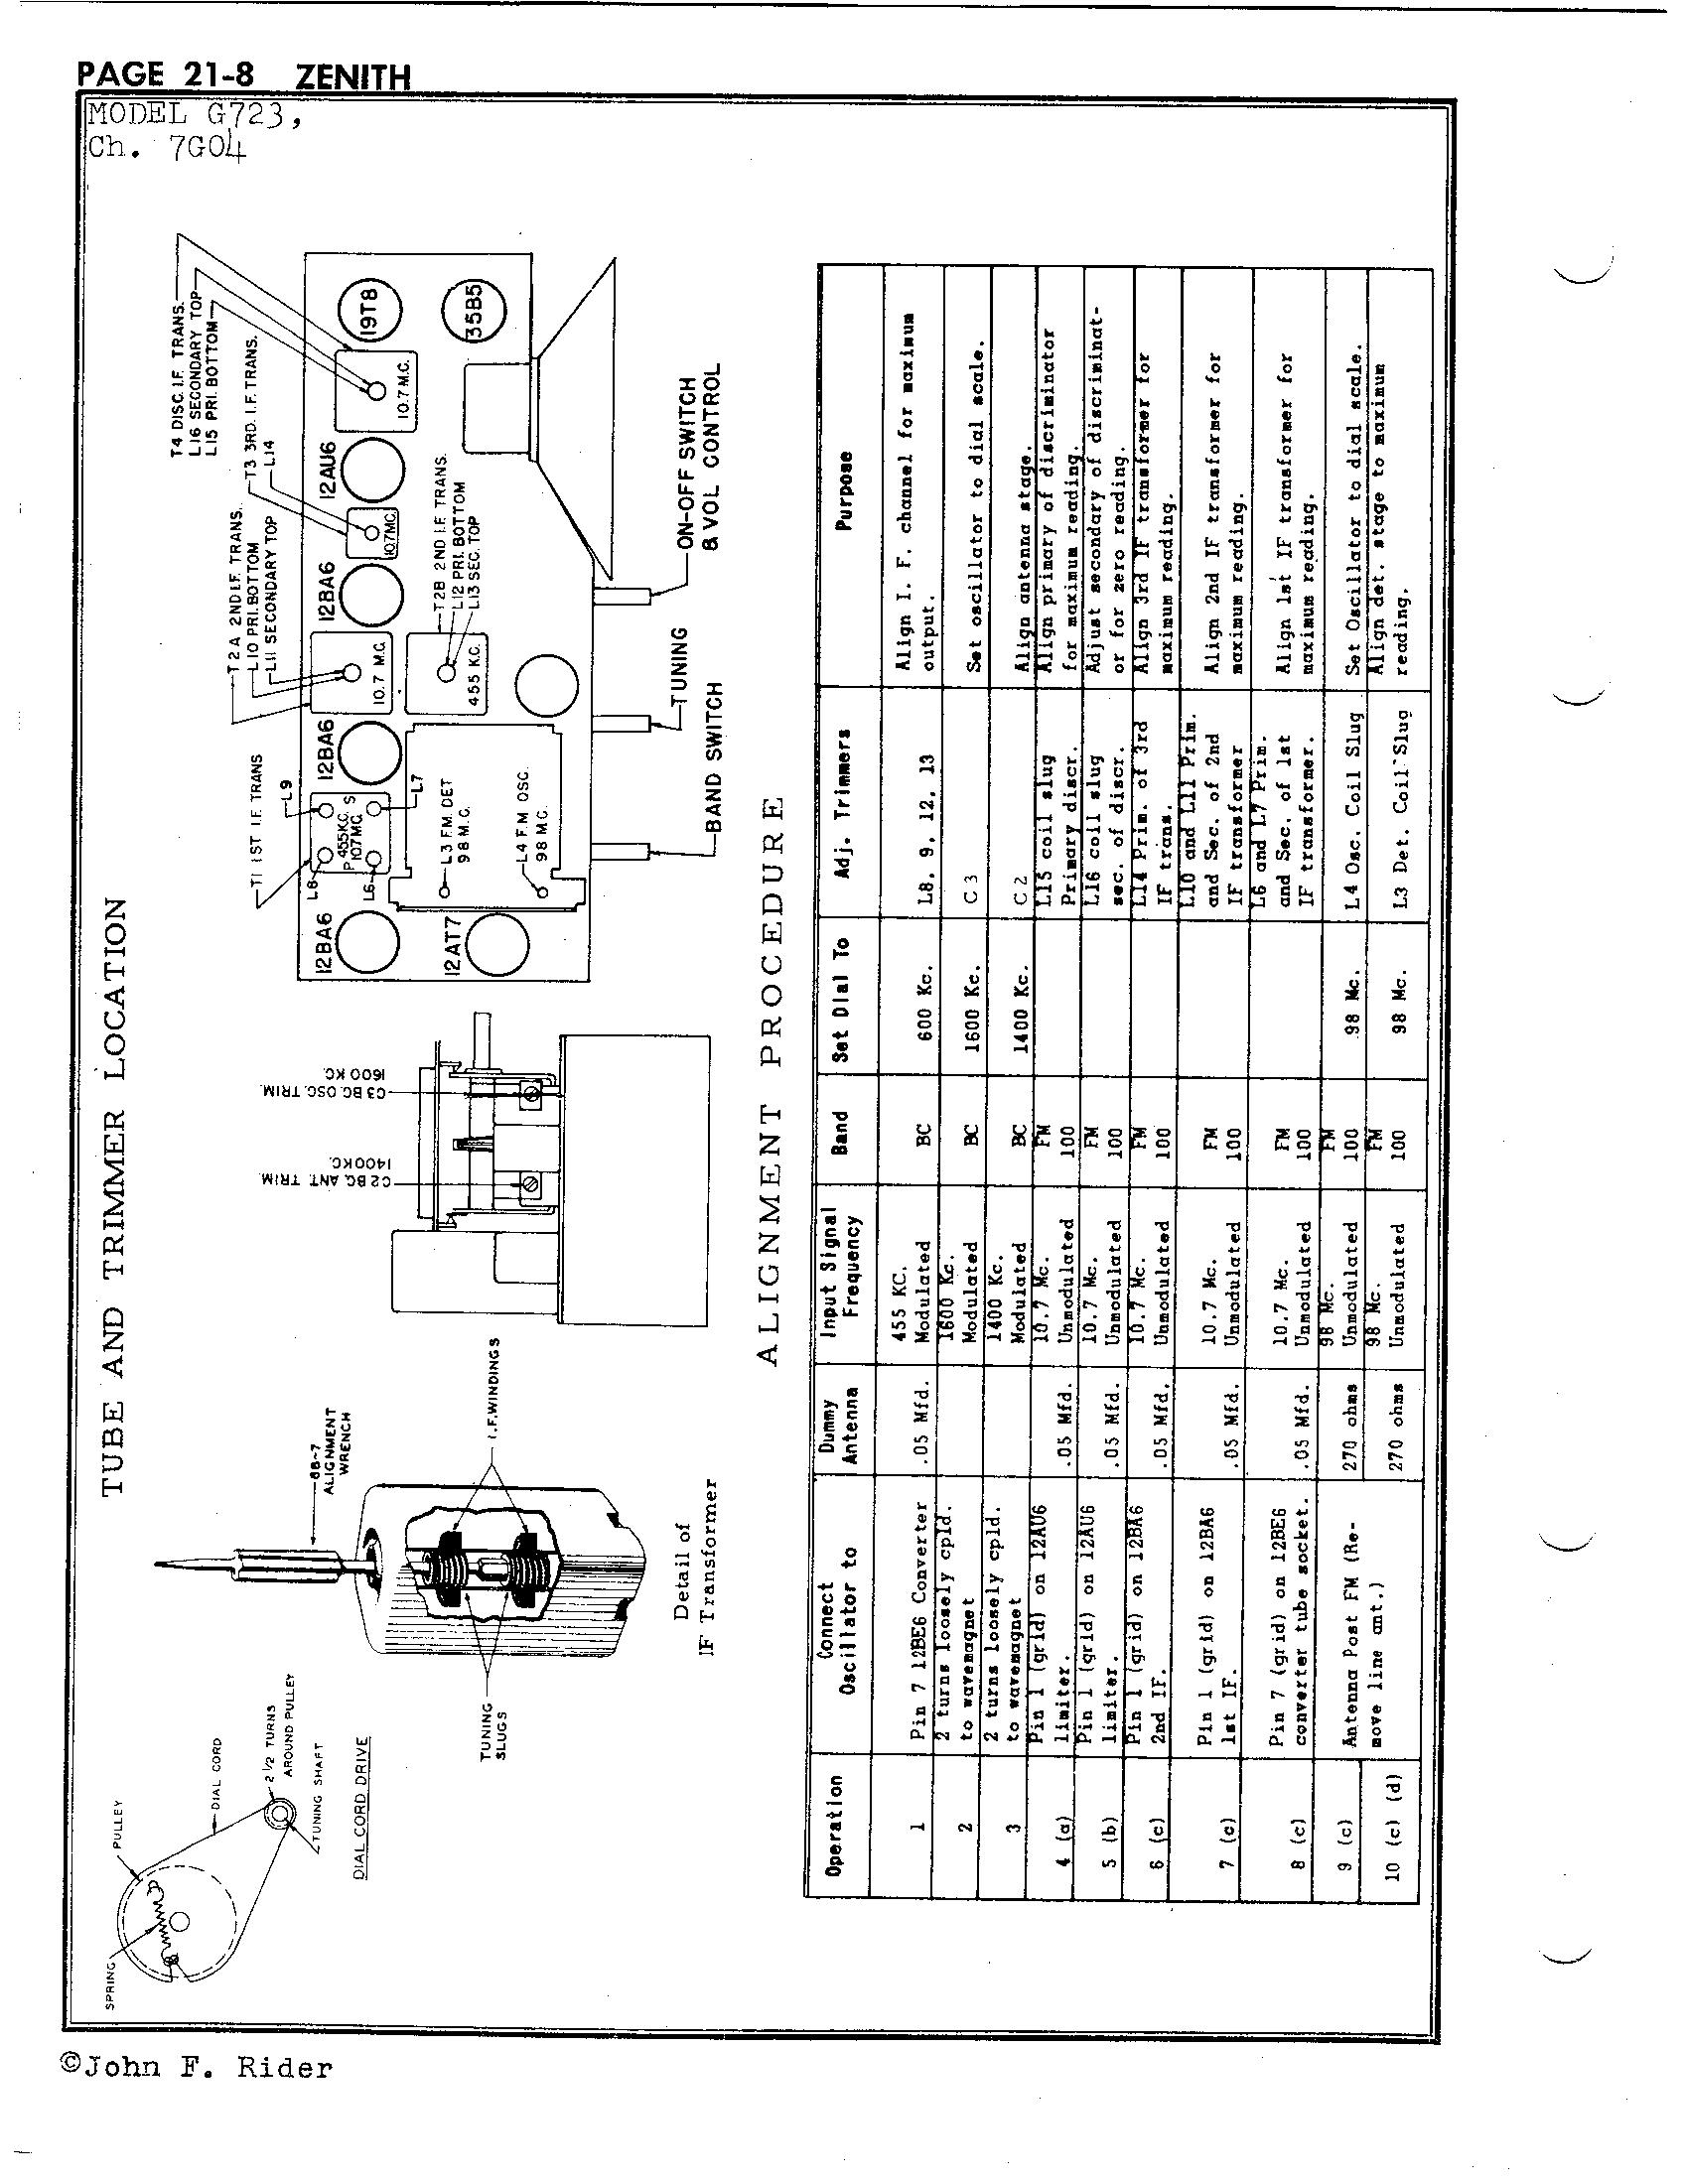 Zenith Radio Corp G723